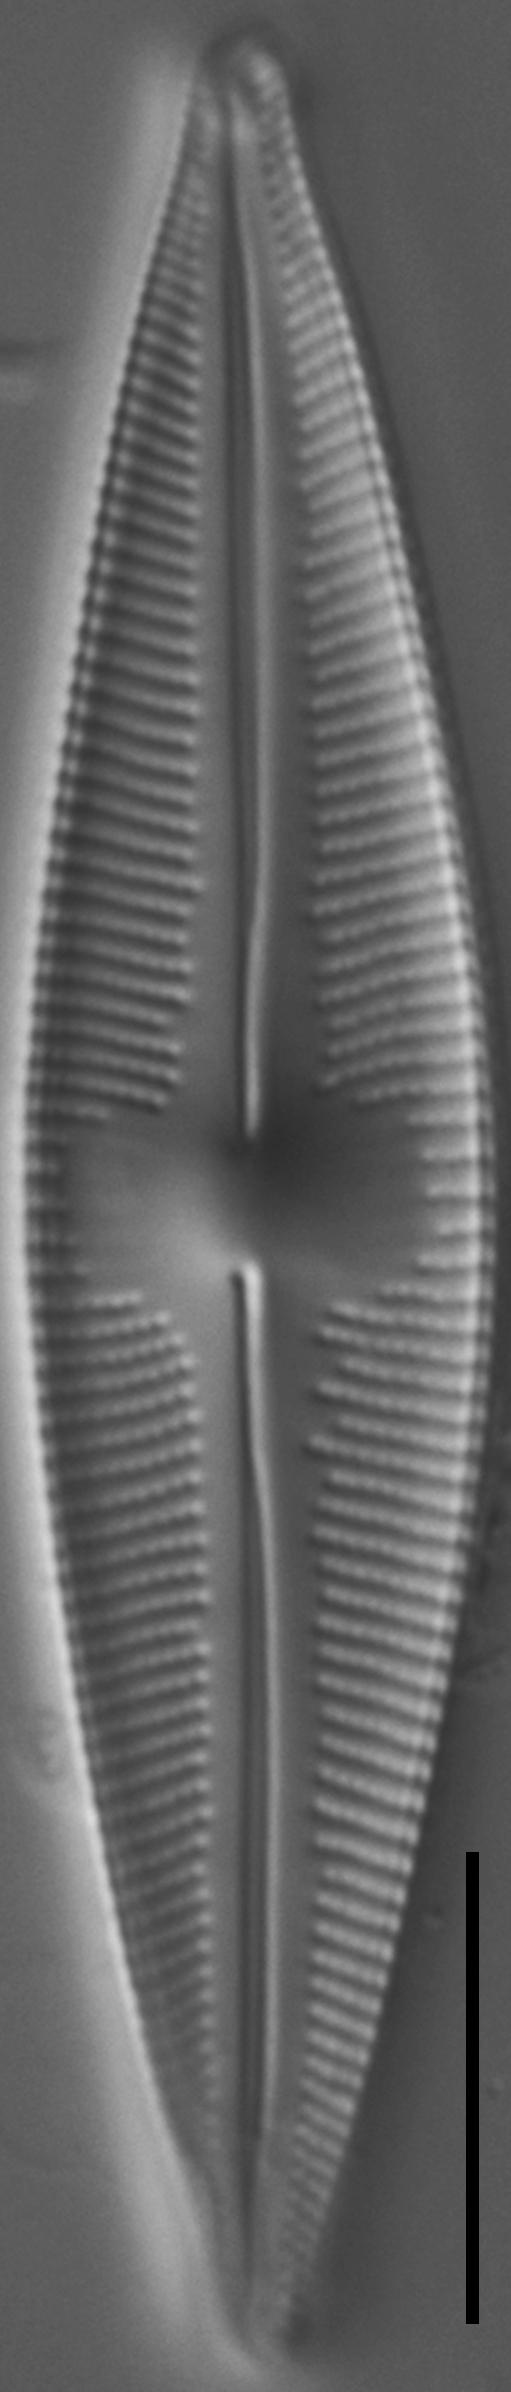 Cymbopleura stauroneiformis LM3